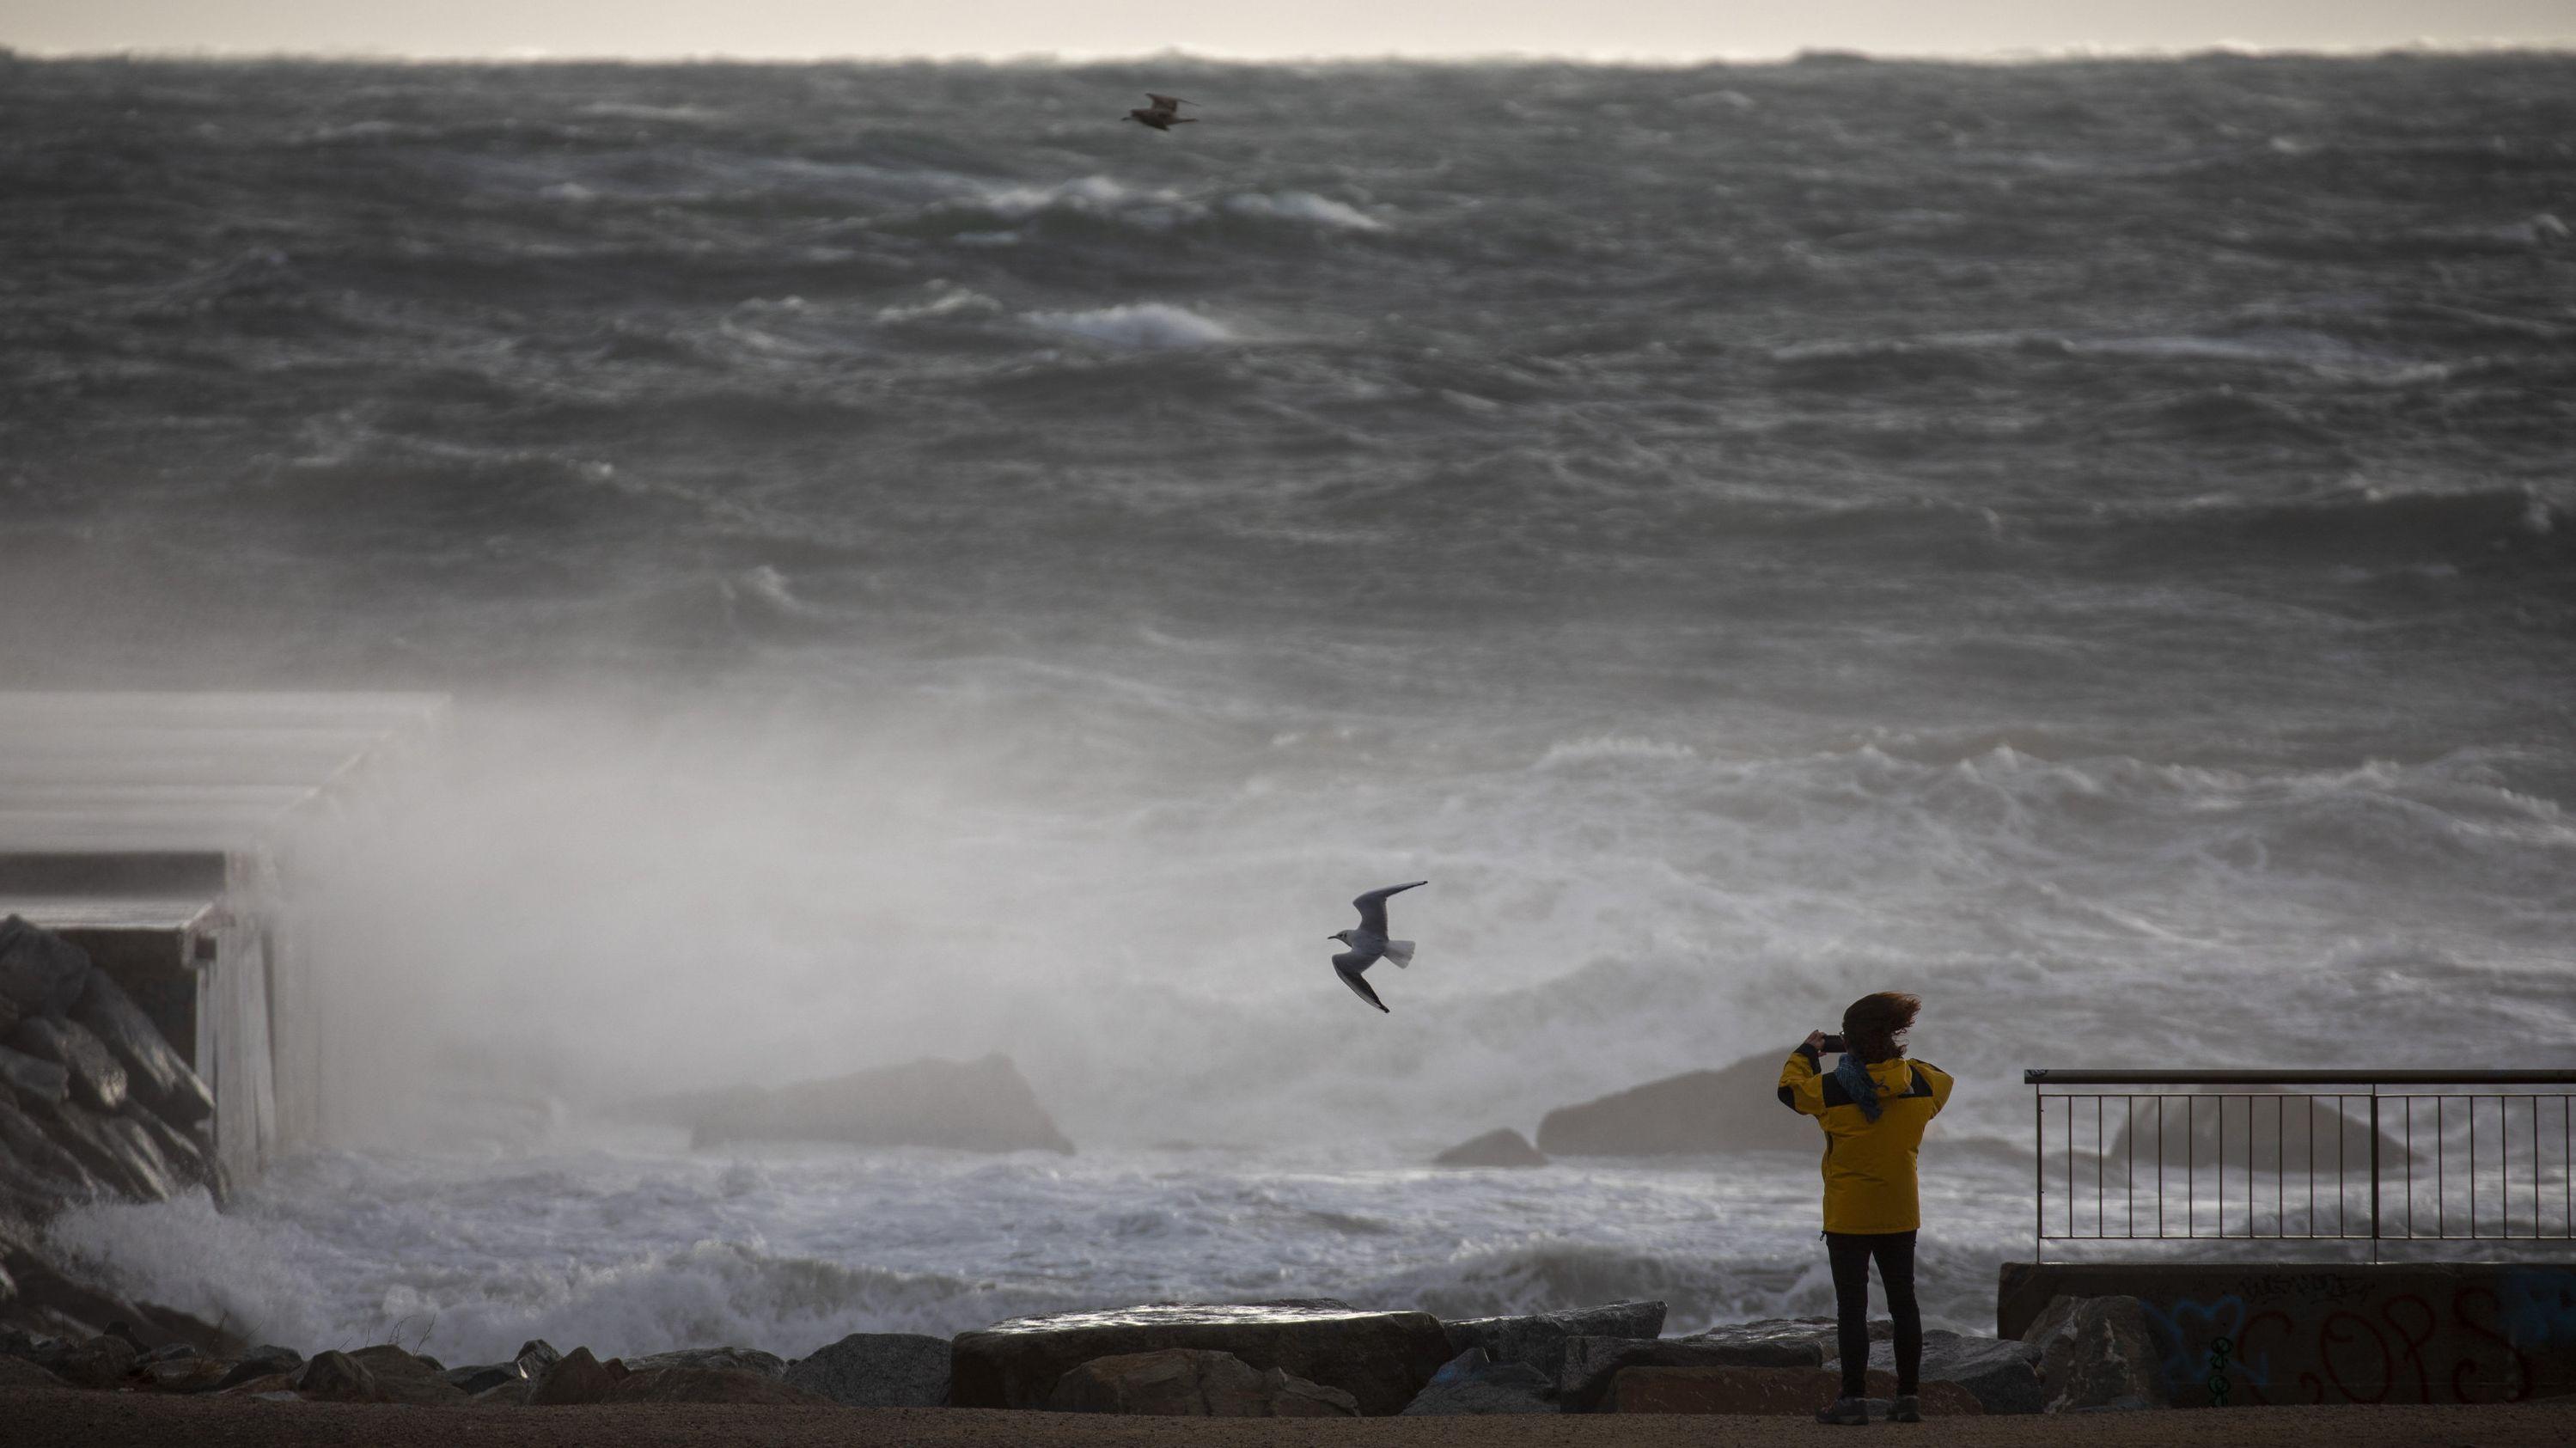 Eine Frau fotografiert das Mittelmeer bei starkem Wind in Barcelona. Schnee und Unwetter haben im Osten Spaniens Stromausfälle, Zugverspätungen und Rekordwellen ausgelöst.